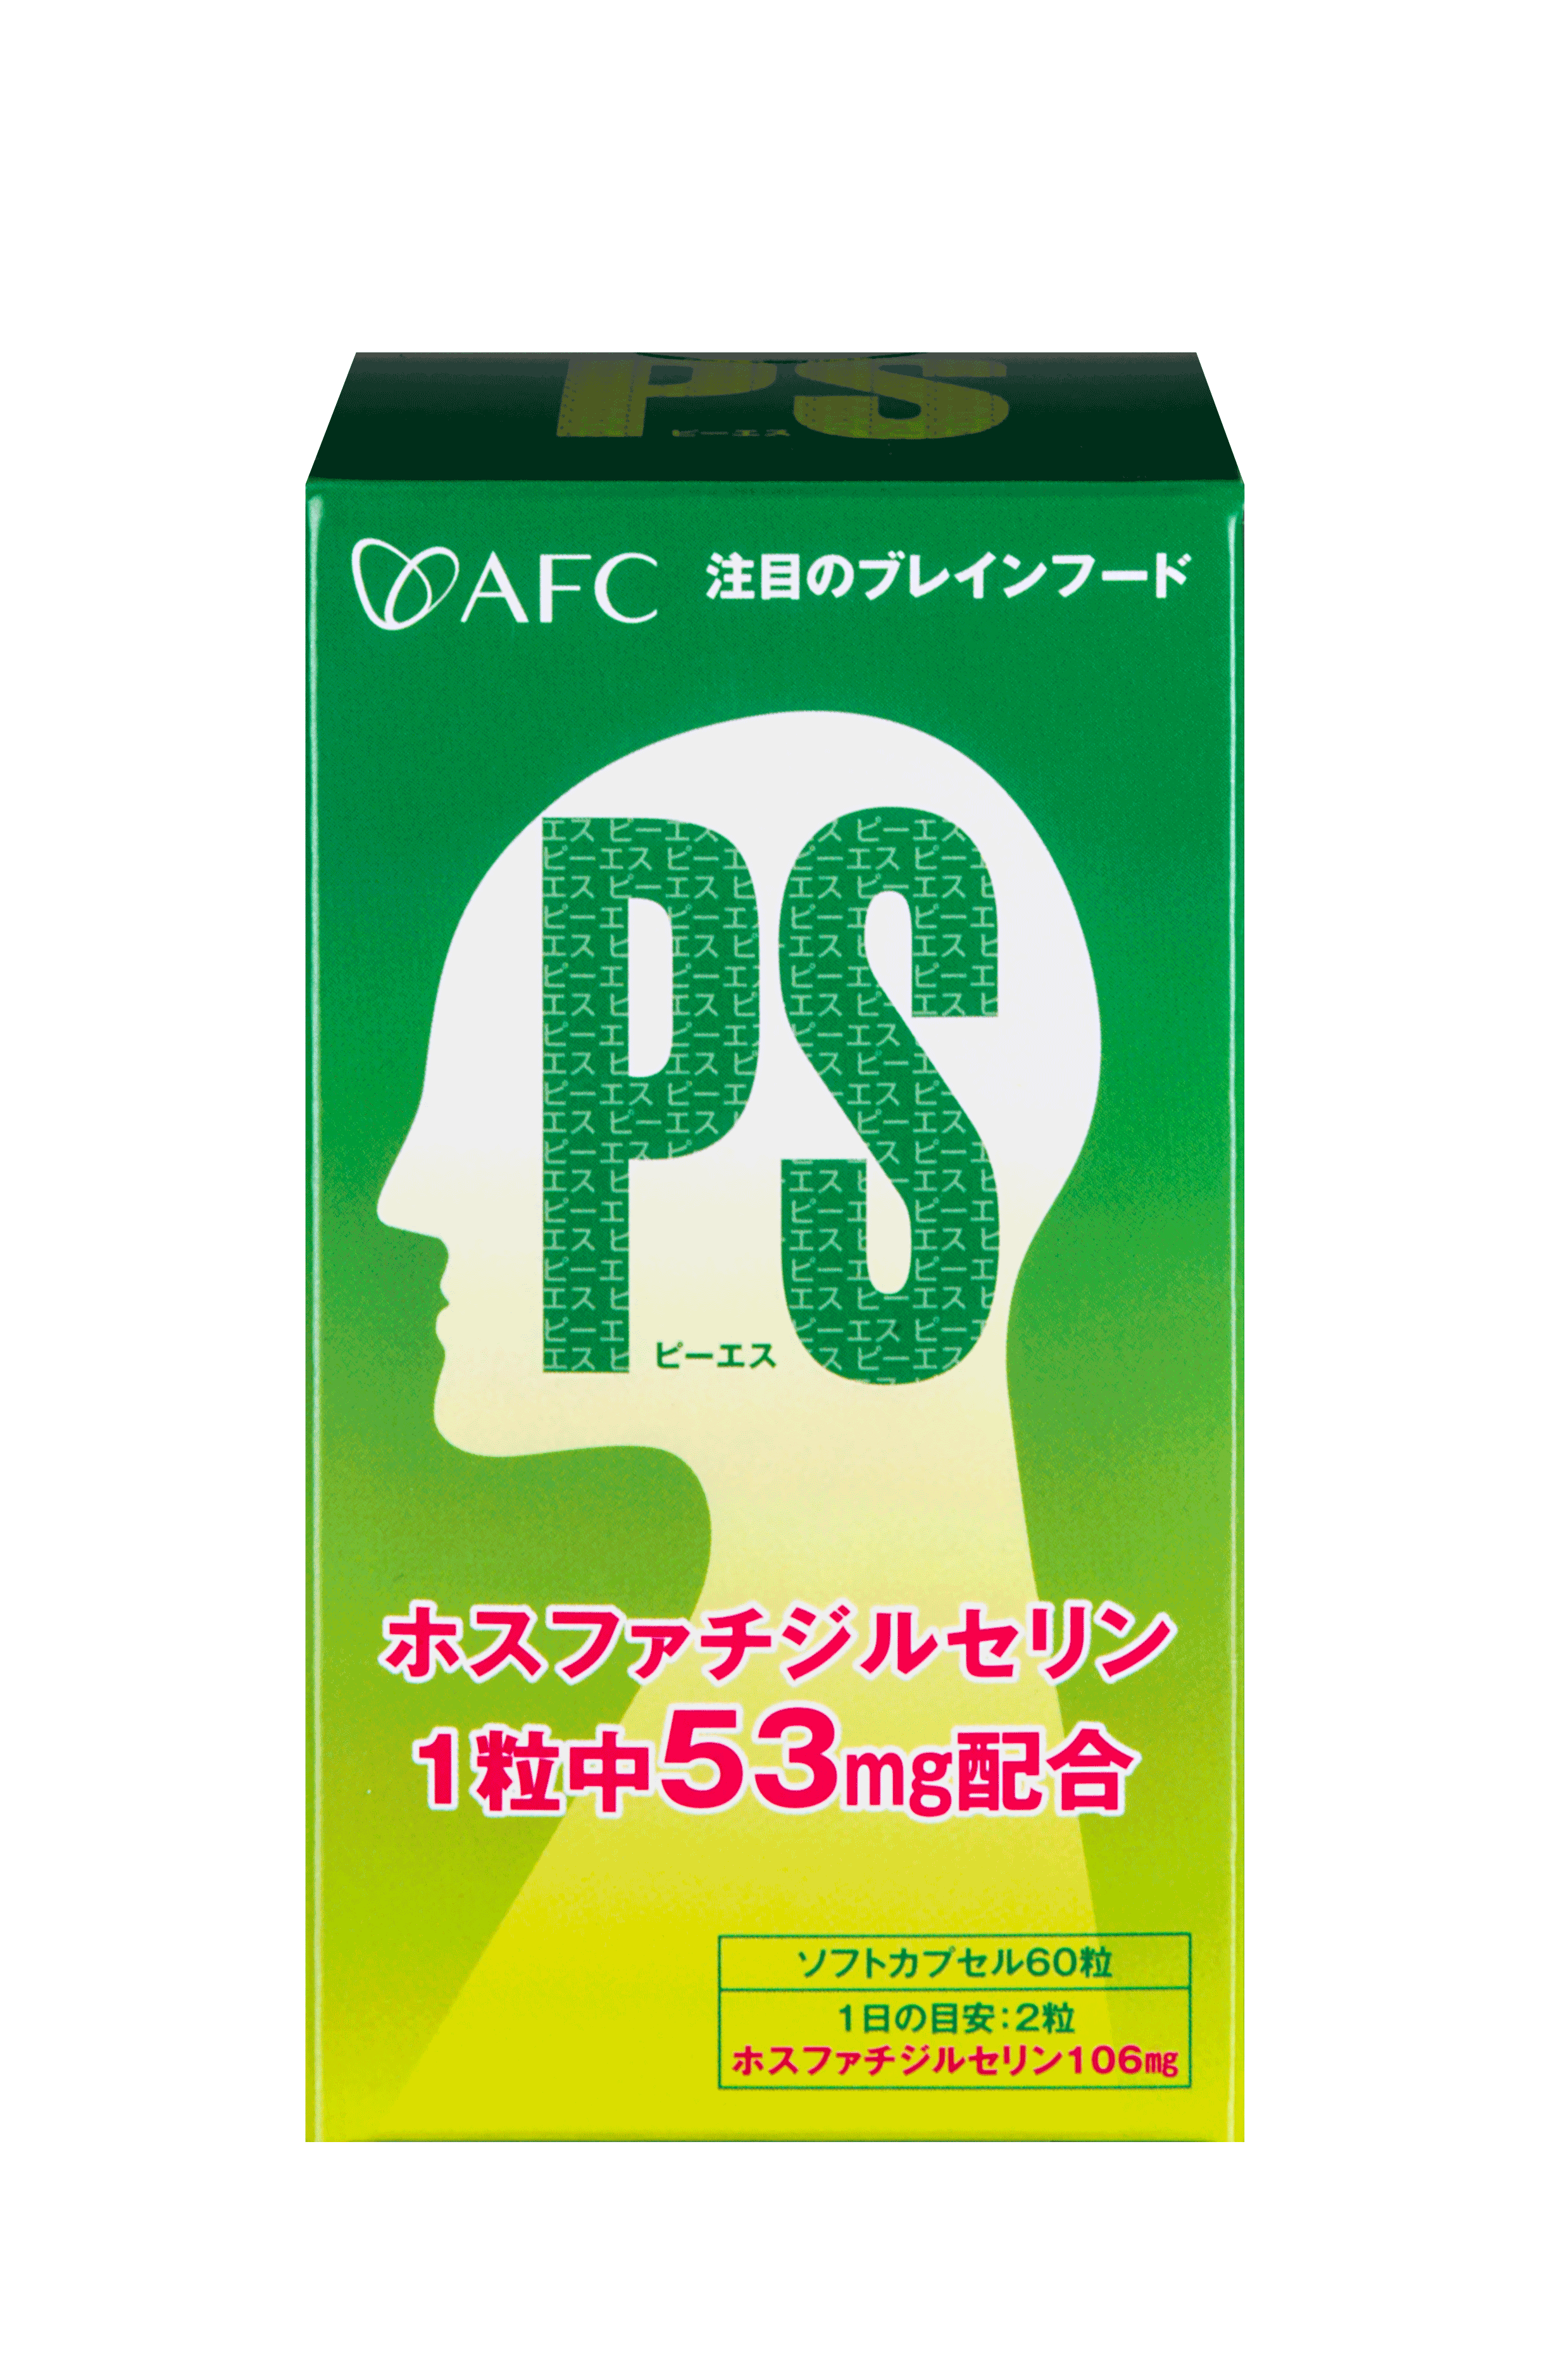 AFC宇勝淺山 記清PS膠囊食品